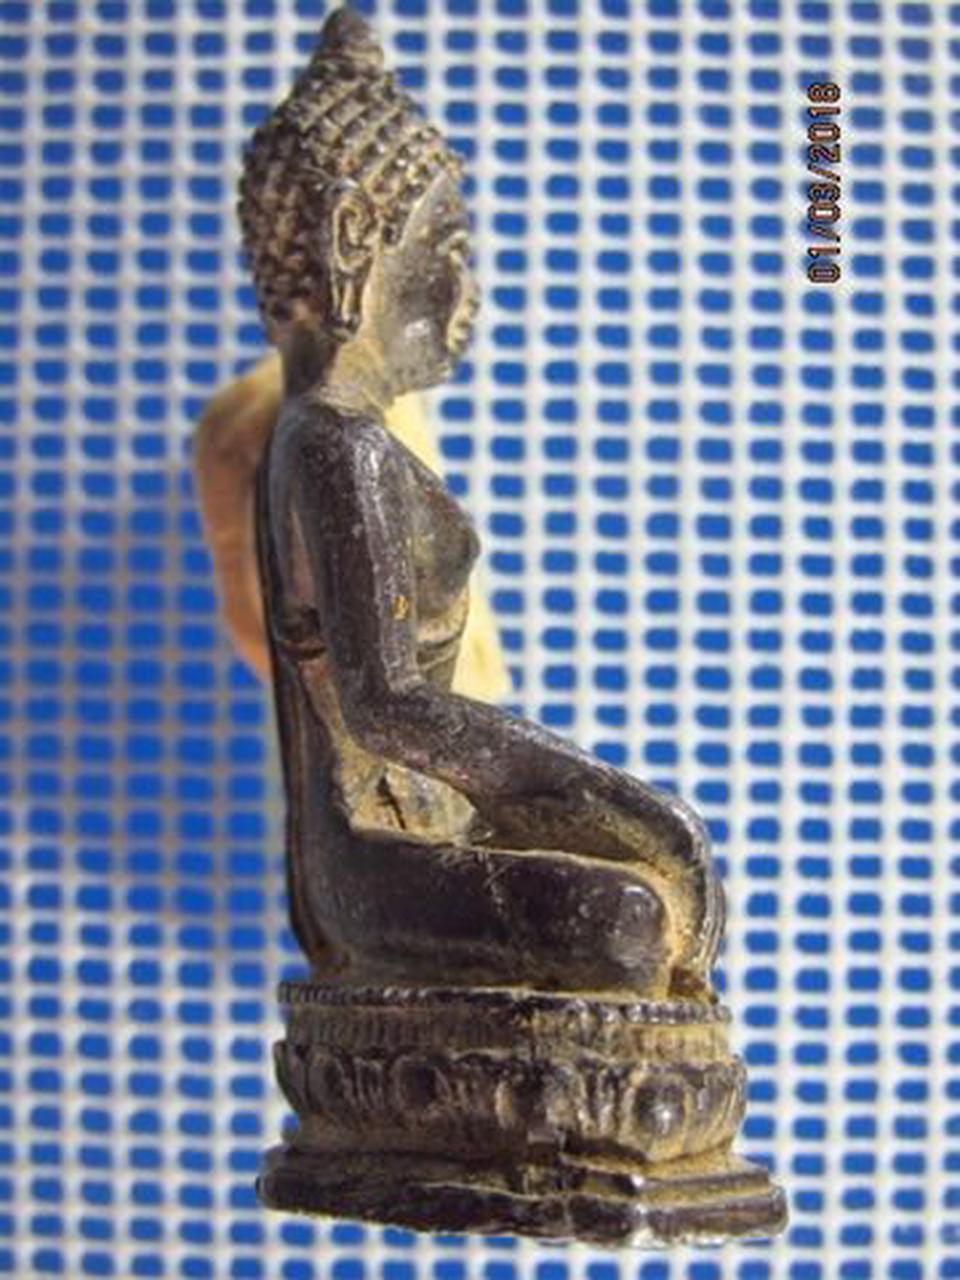 5131 พระบูชาเนื้อตะกั่วสนิมแดง ปิดทองเก่า ฐานกว้าง 1.4 นิ้ว  รูปที่ 2